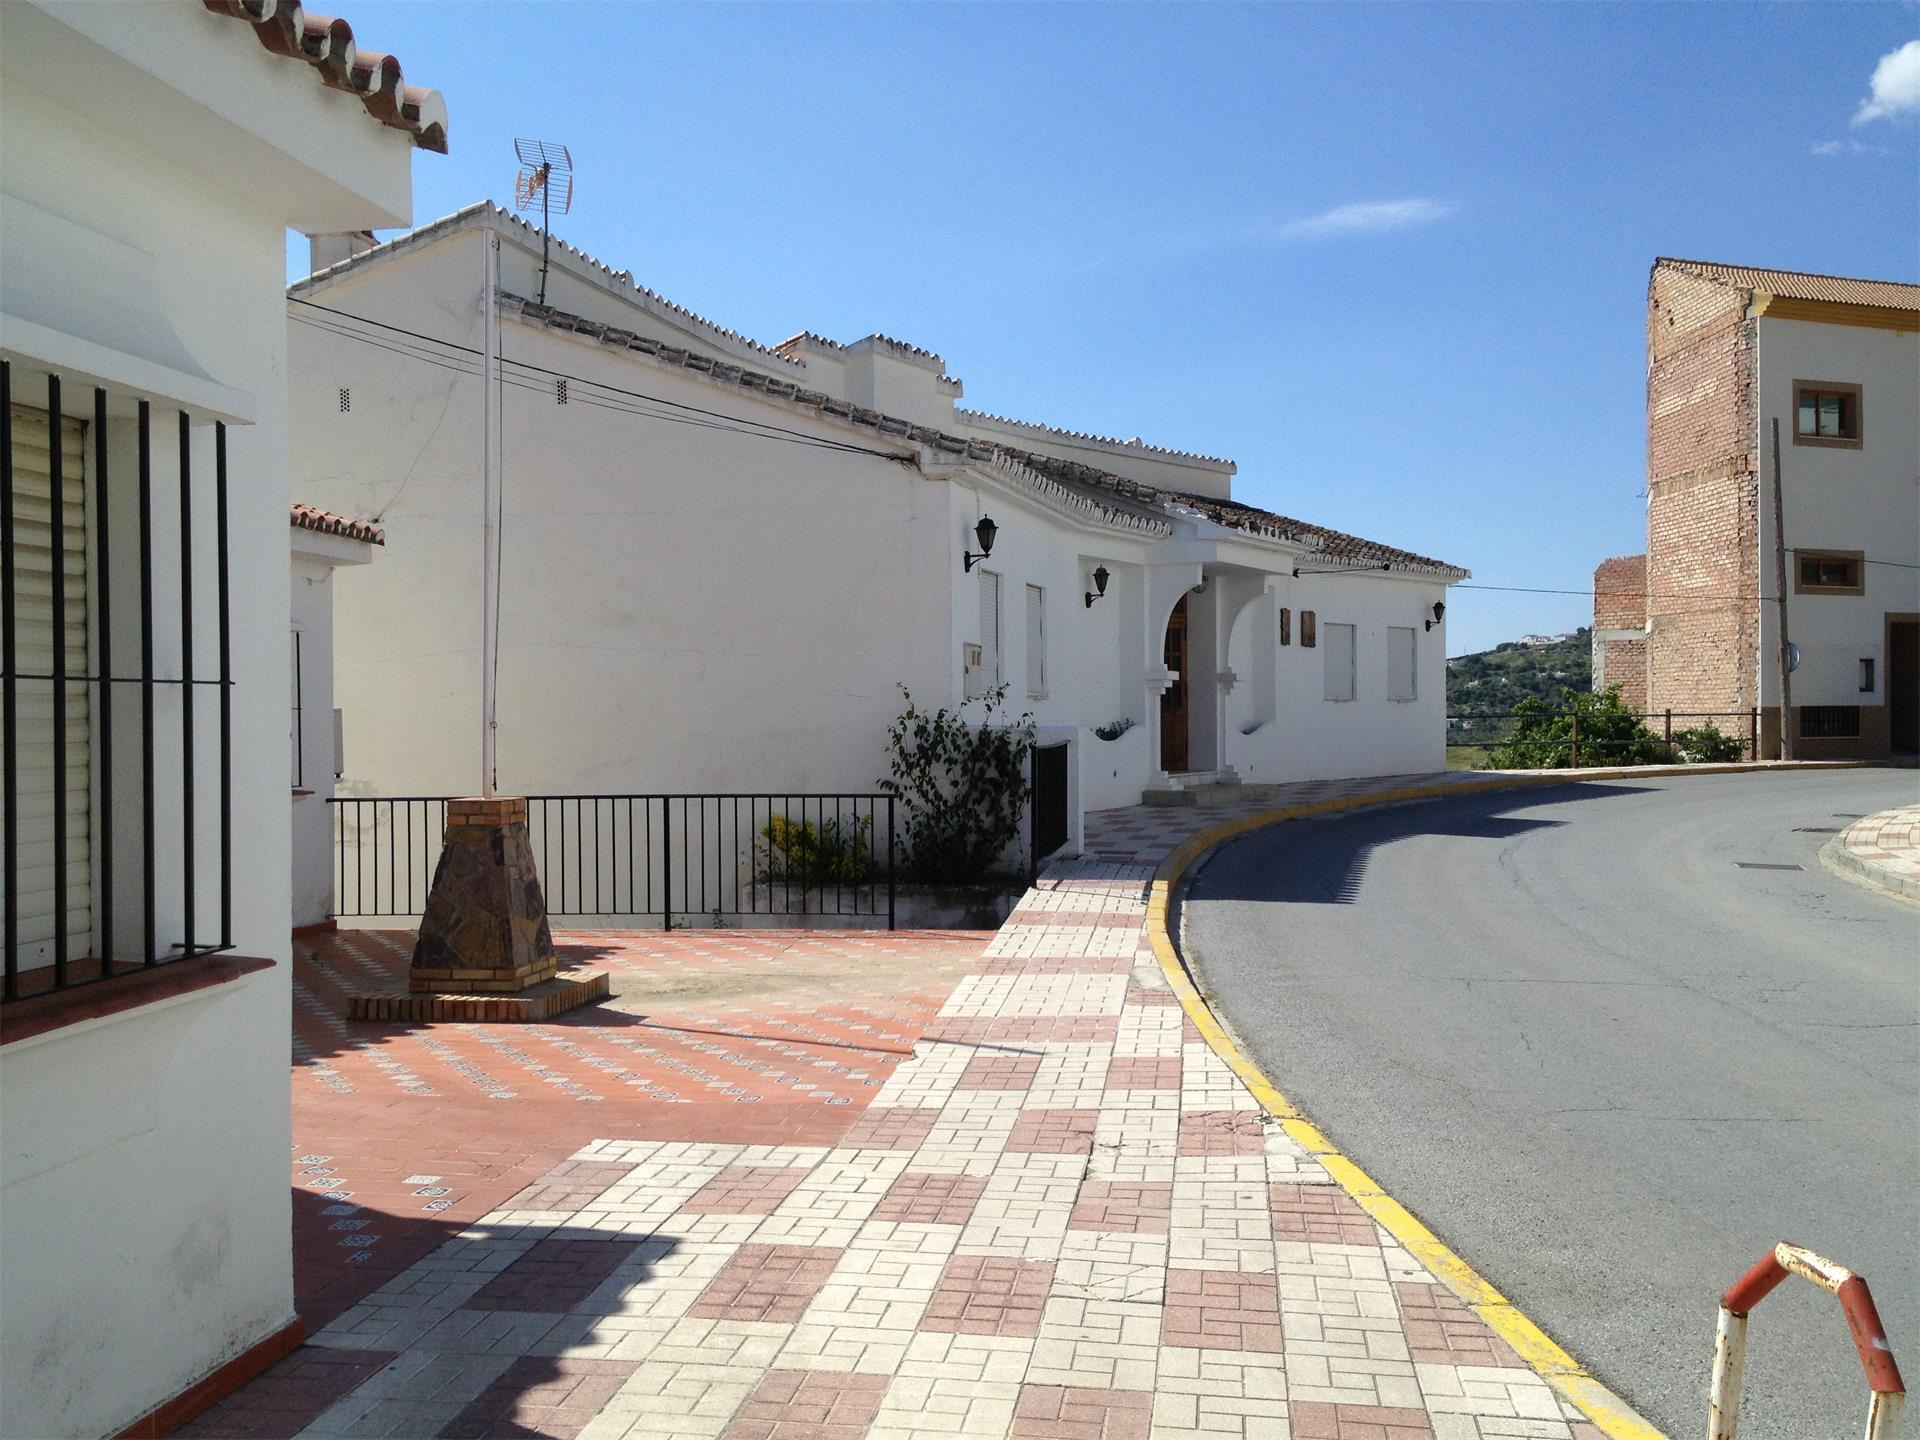 Casa o chalet de alquiler en Avenida Federico Muñoz, 14 Casarabonela (Casarabonela, Málaga)